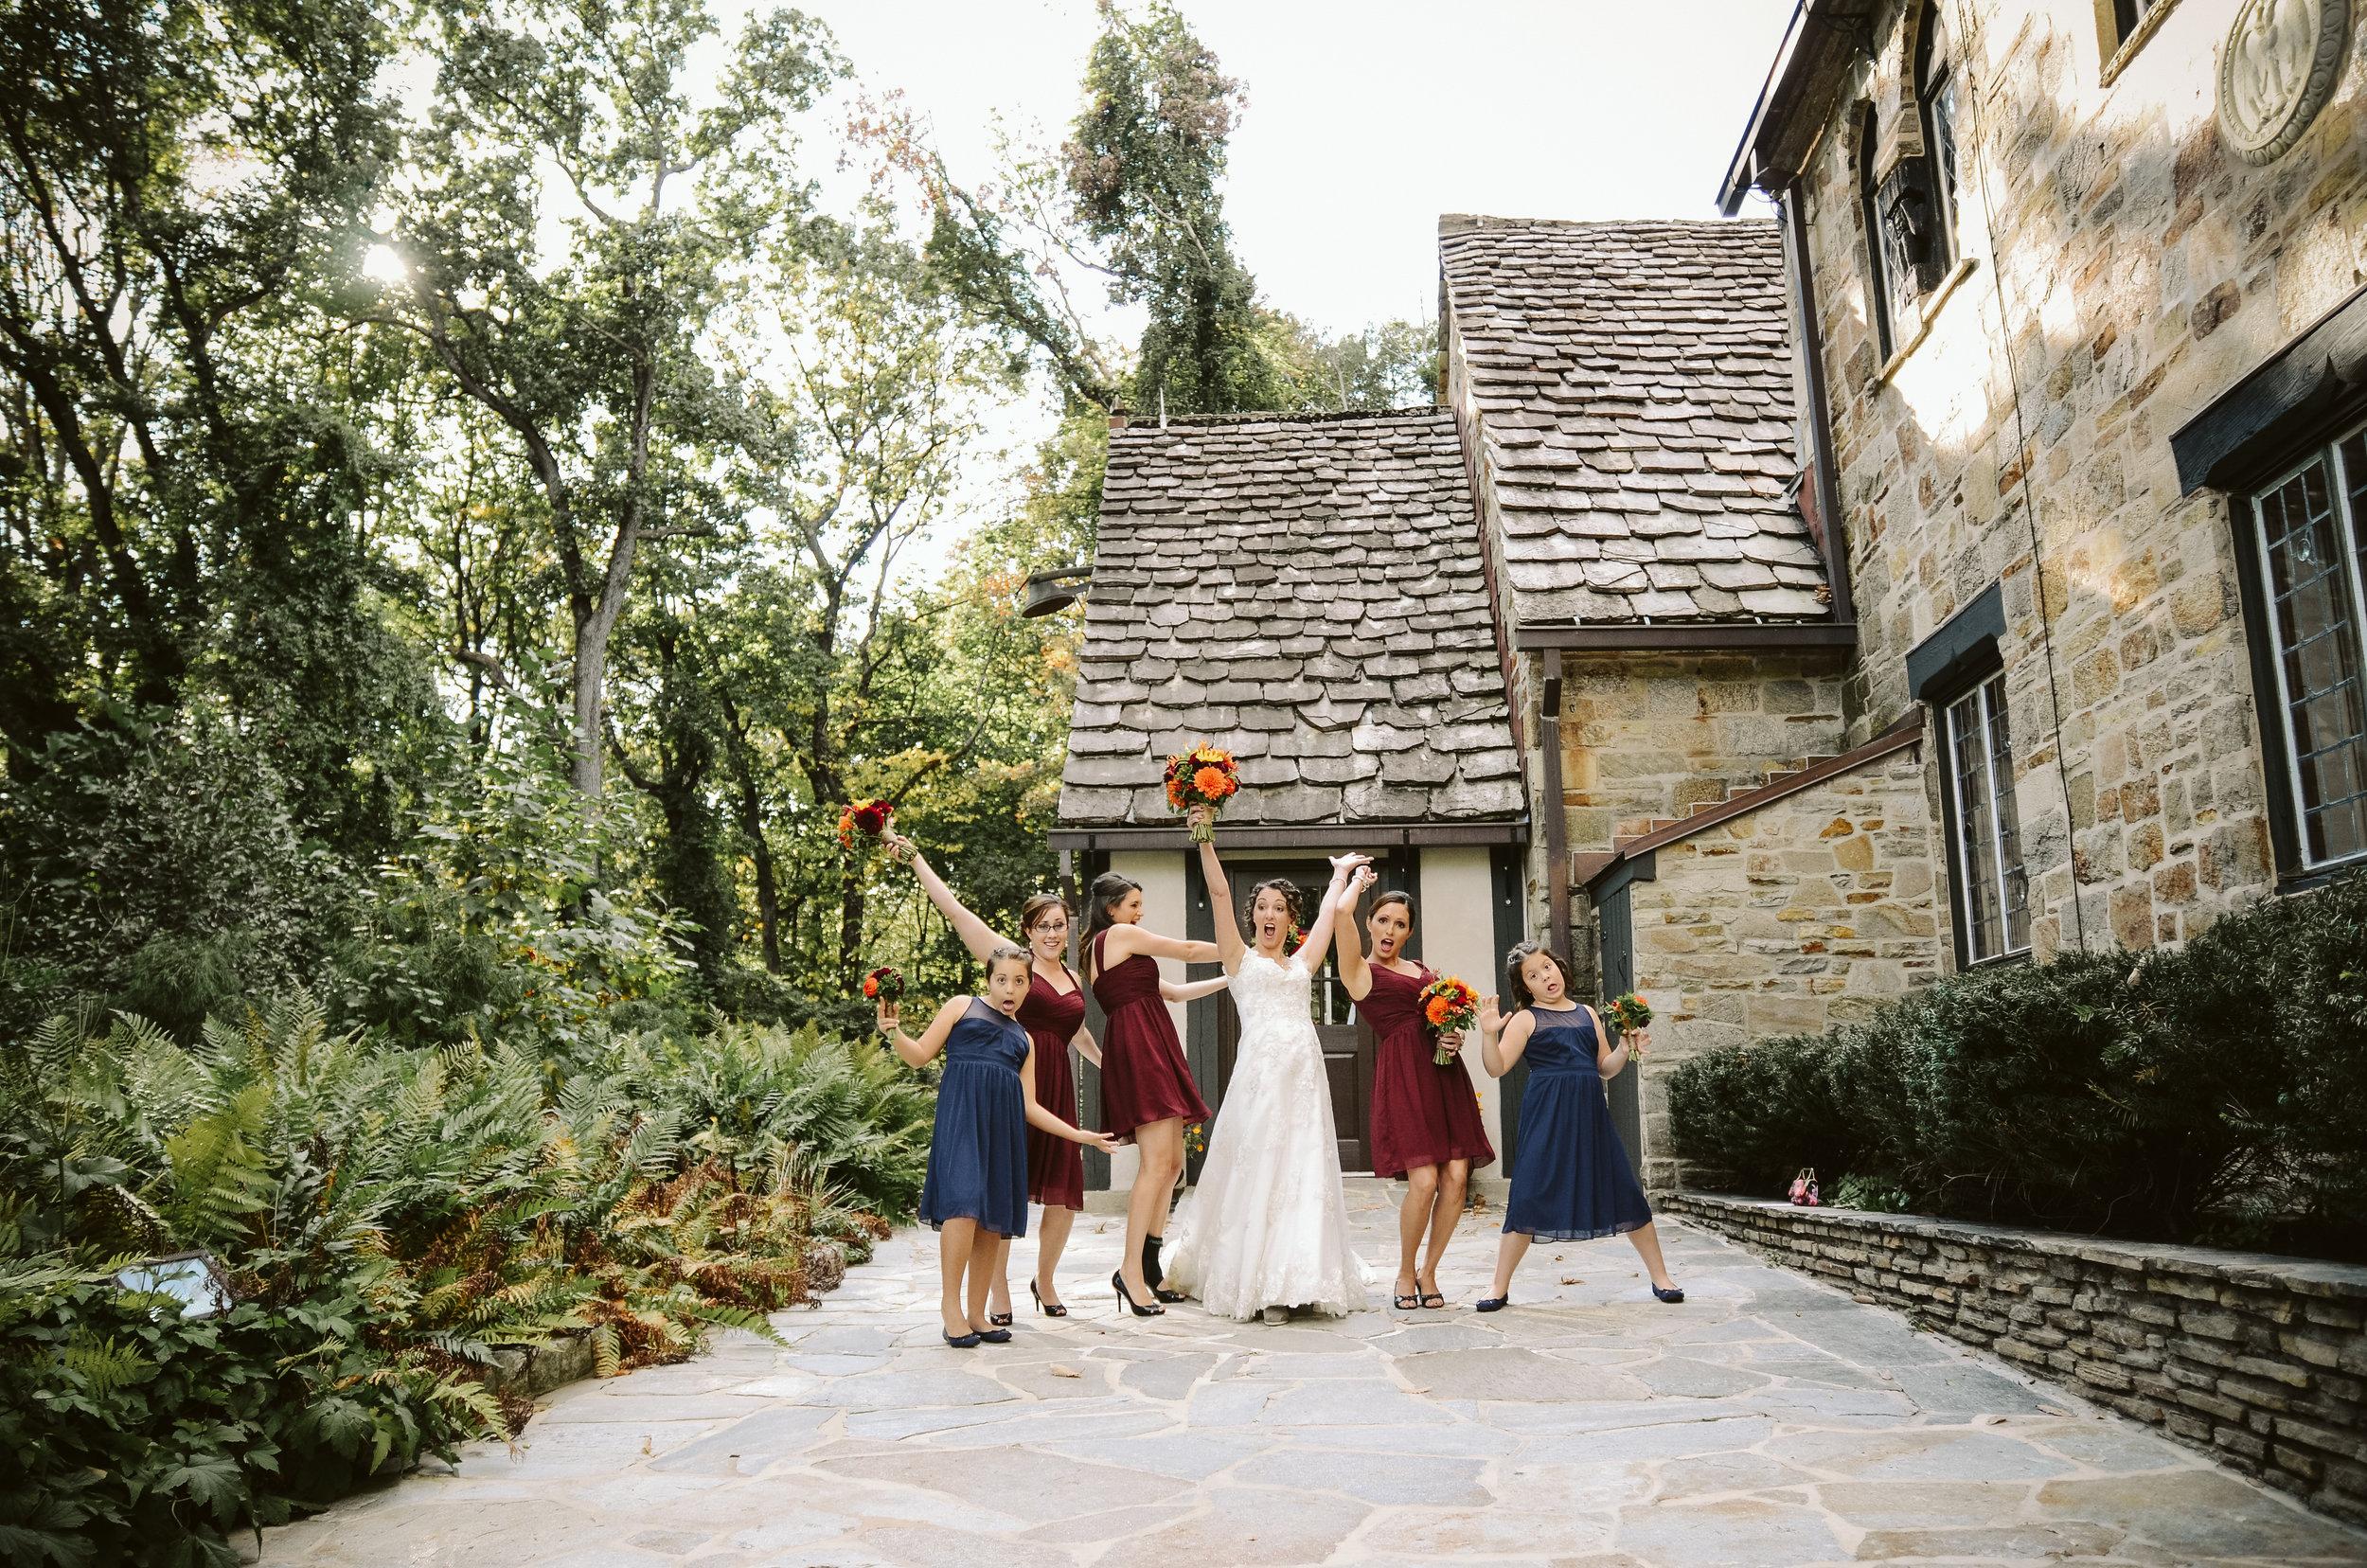 adrienne and greg's wedding 2018 edits-19.jpg